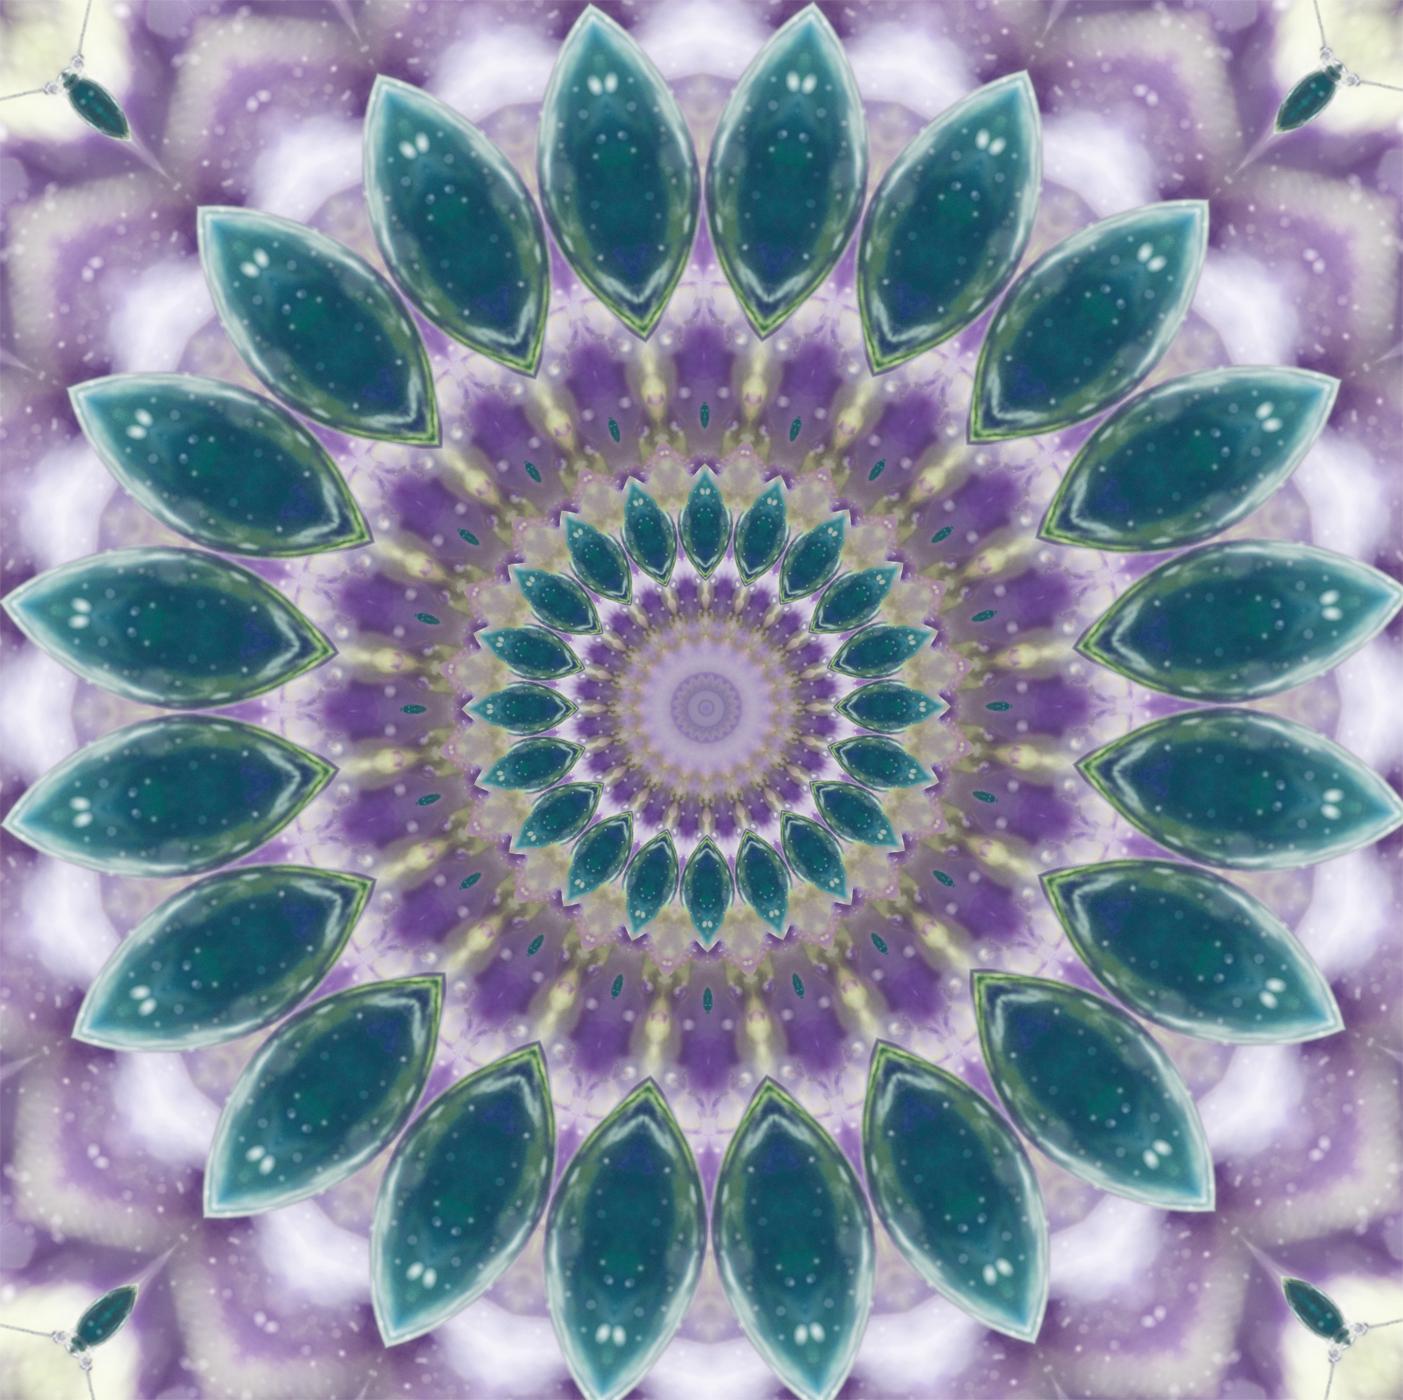 kaleidoscope purple 2 - 1767